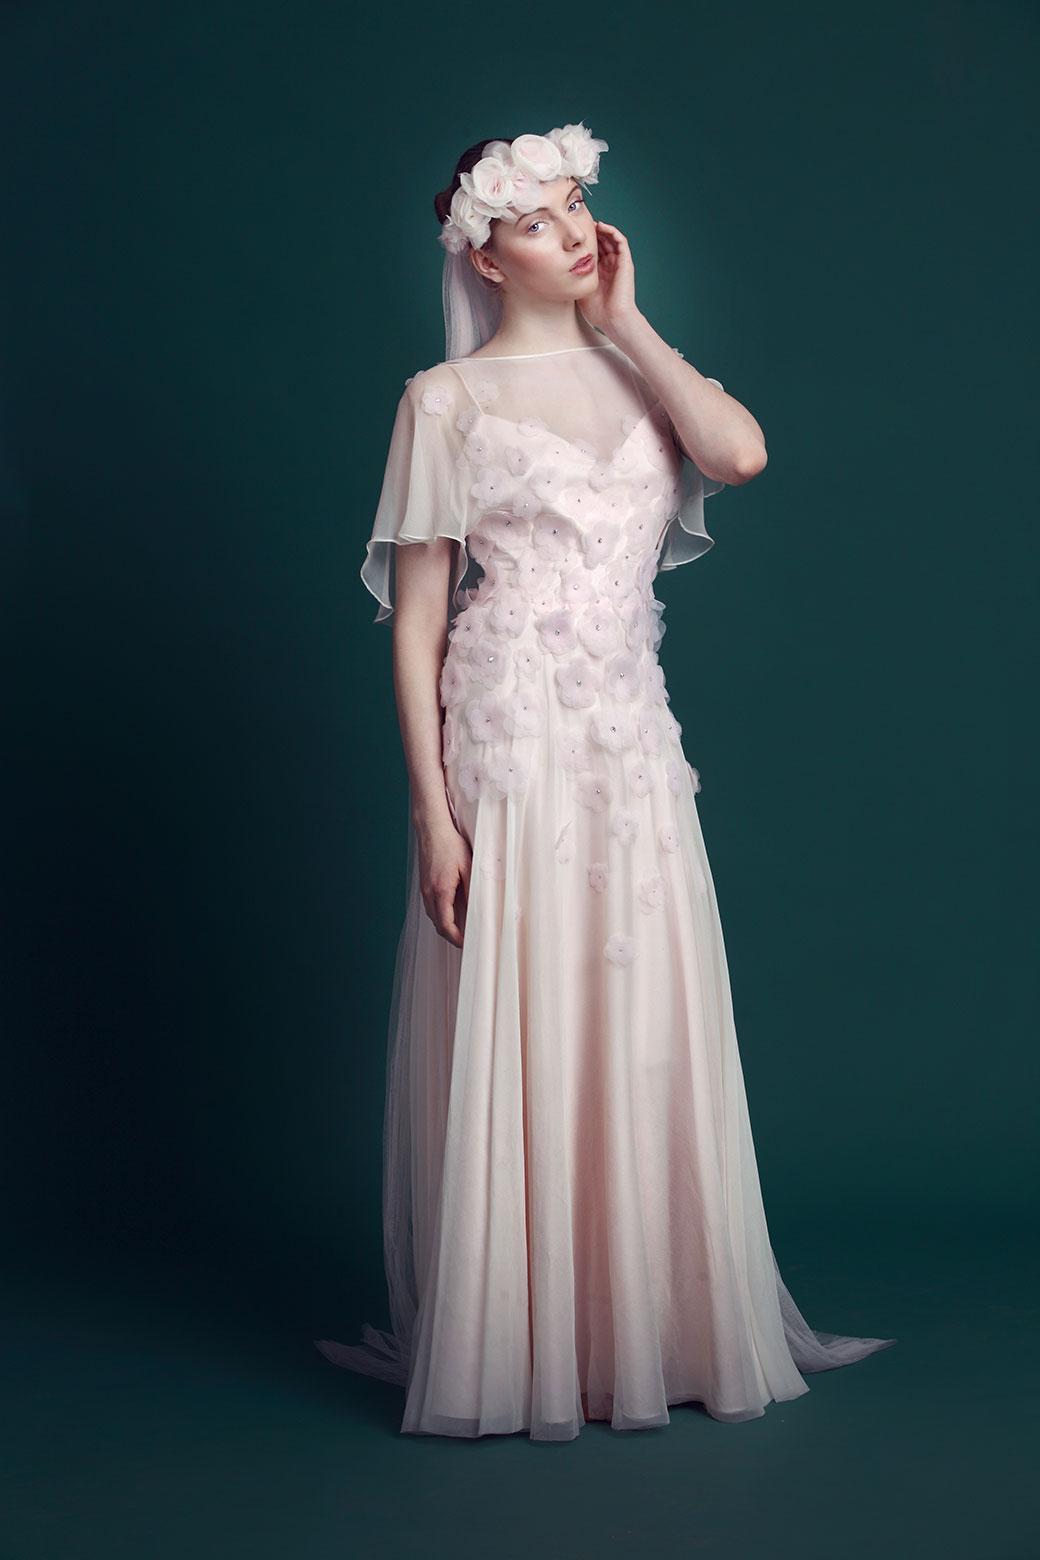 Svatební šaty, laserem vyřezávané květy s motivem šípkových růží a krystaly Preciosa